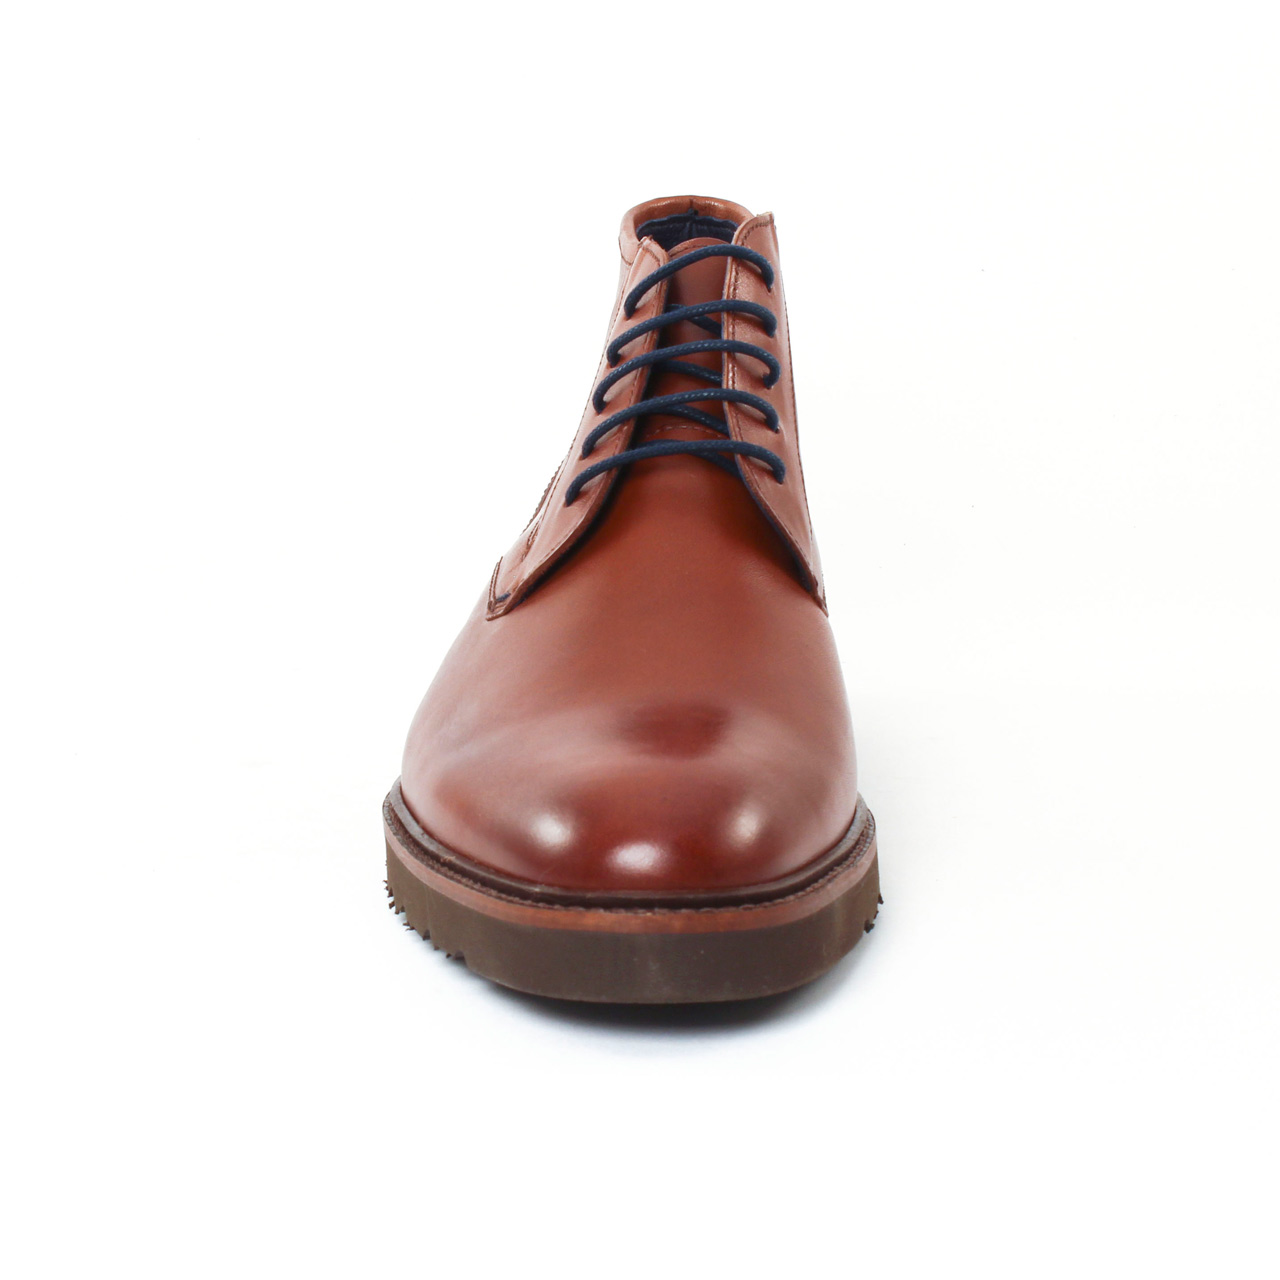 02cbb5e81a5 chaussures montantes marron mode homme automne hiver vue 6